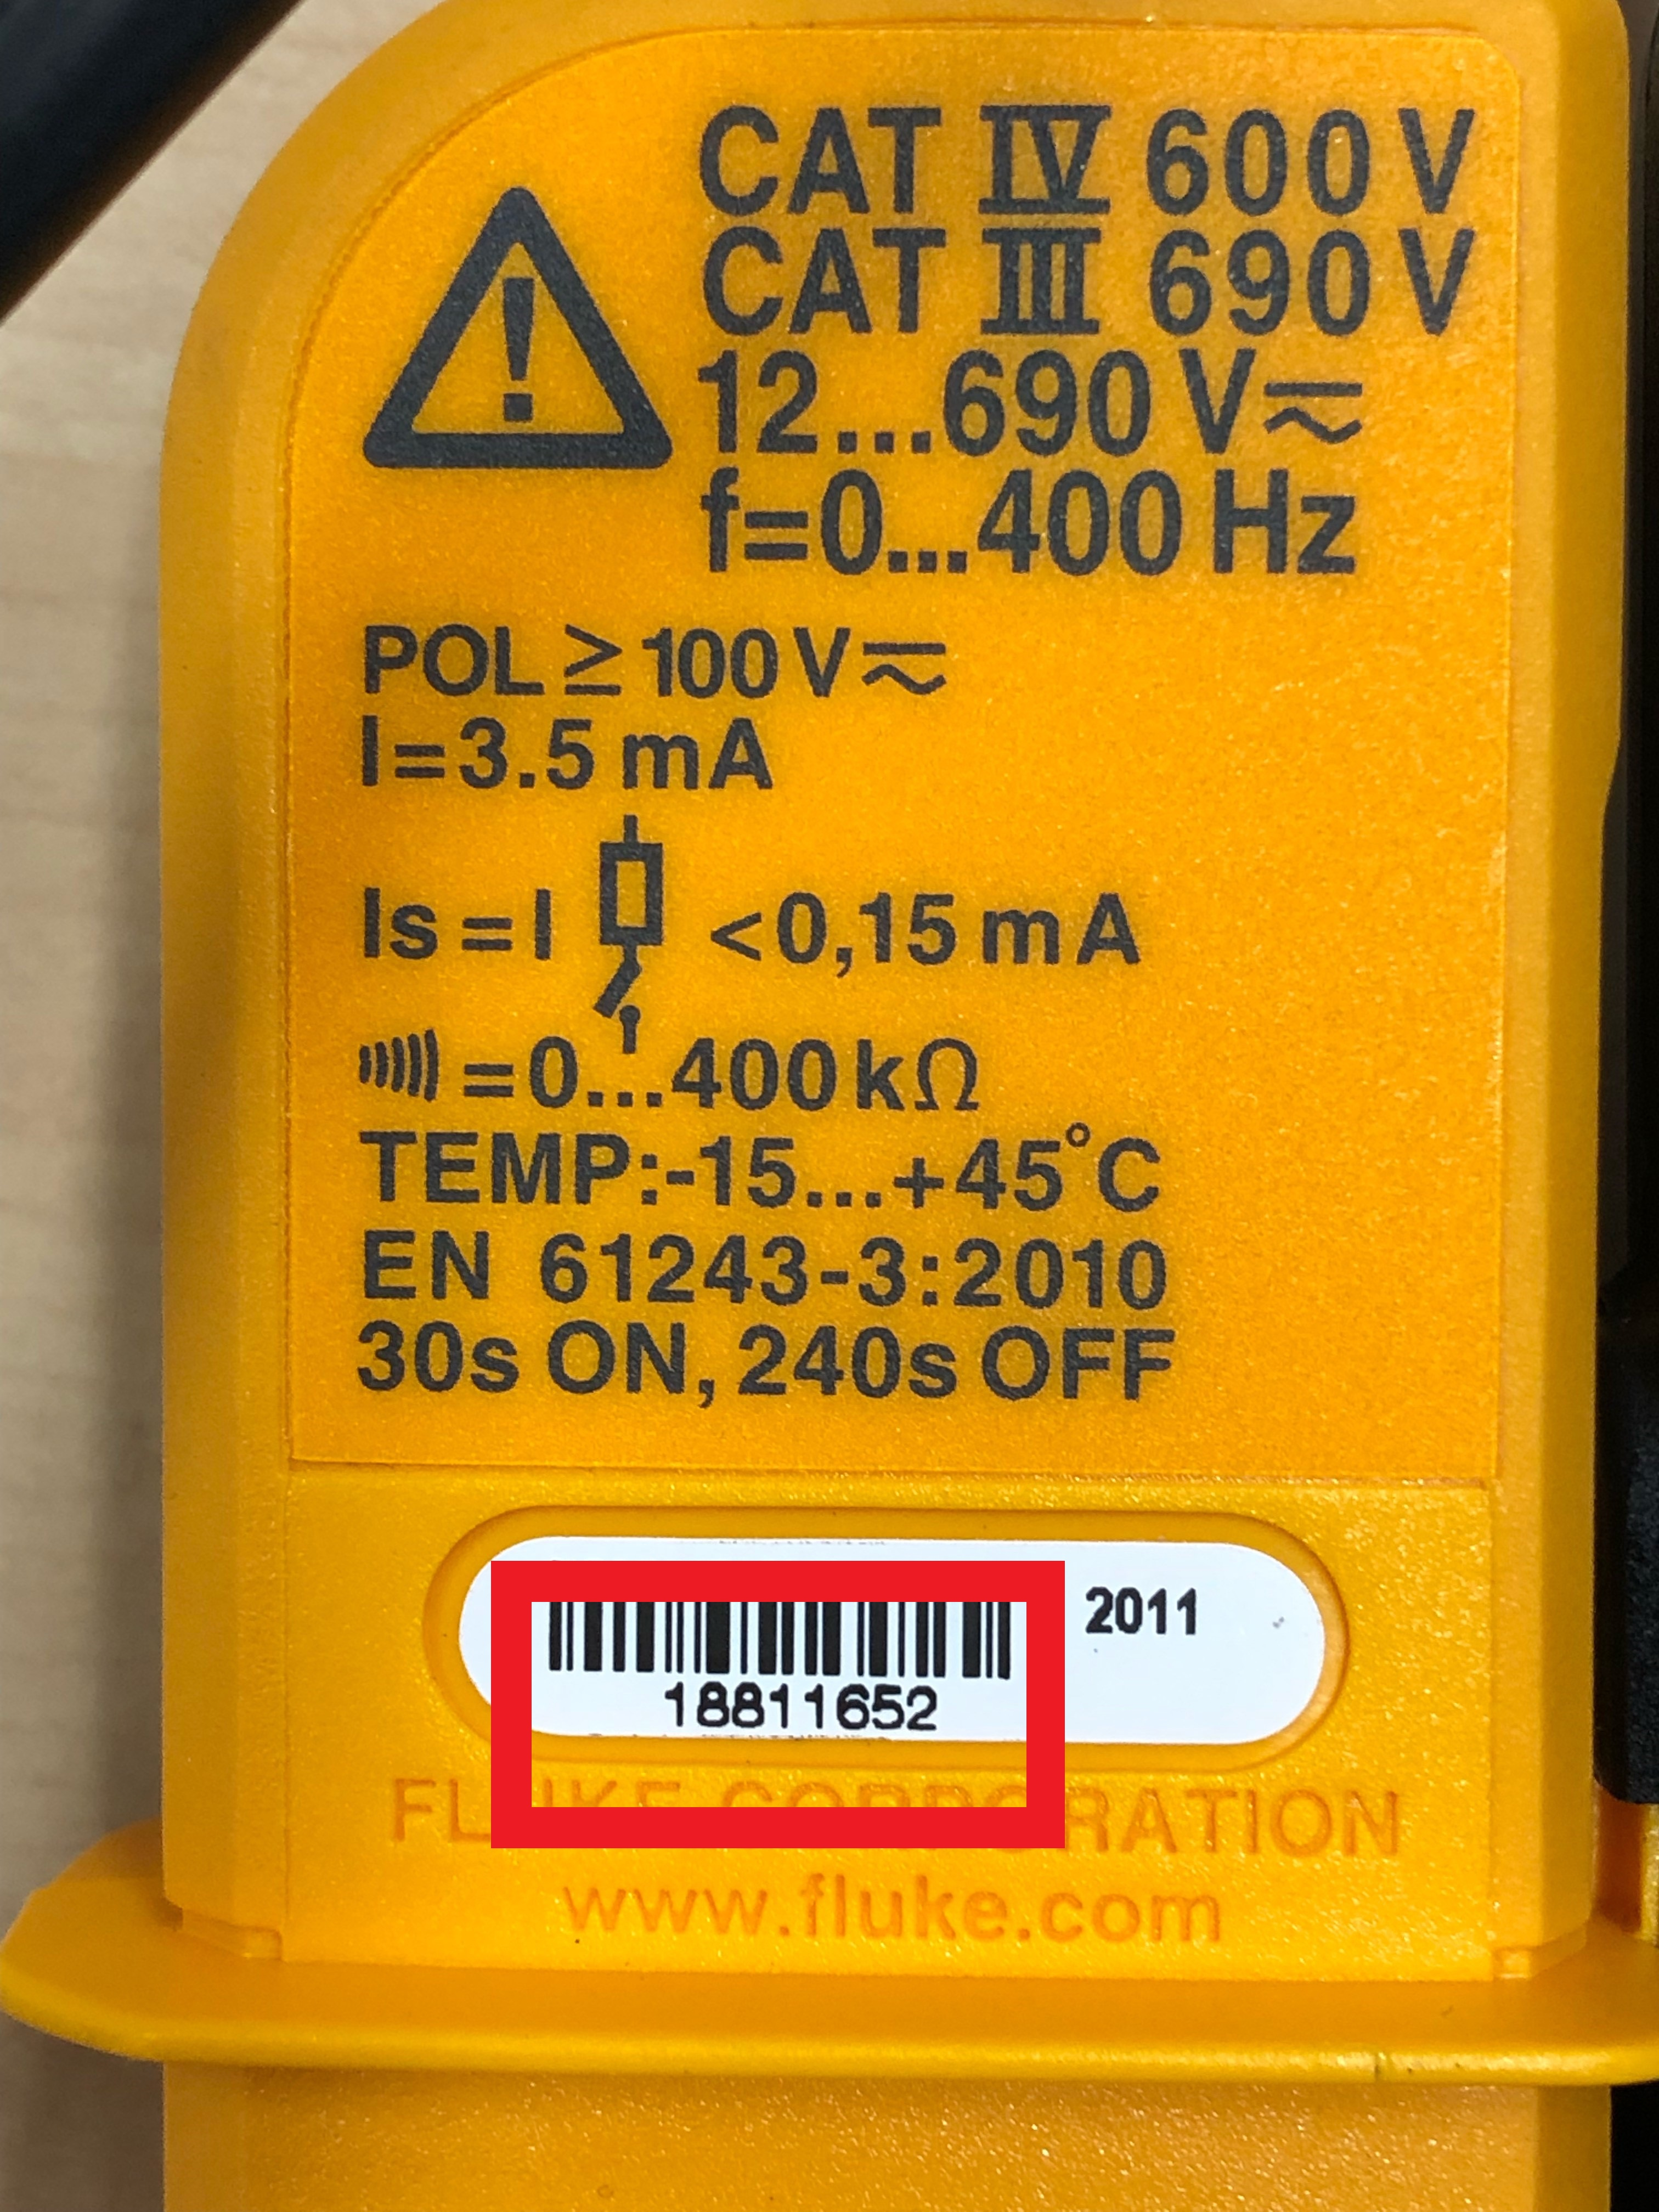 Bild Der Ruckseite Eines Betroffenen Produkts Mit Seriennummer JPG 1 MB